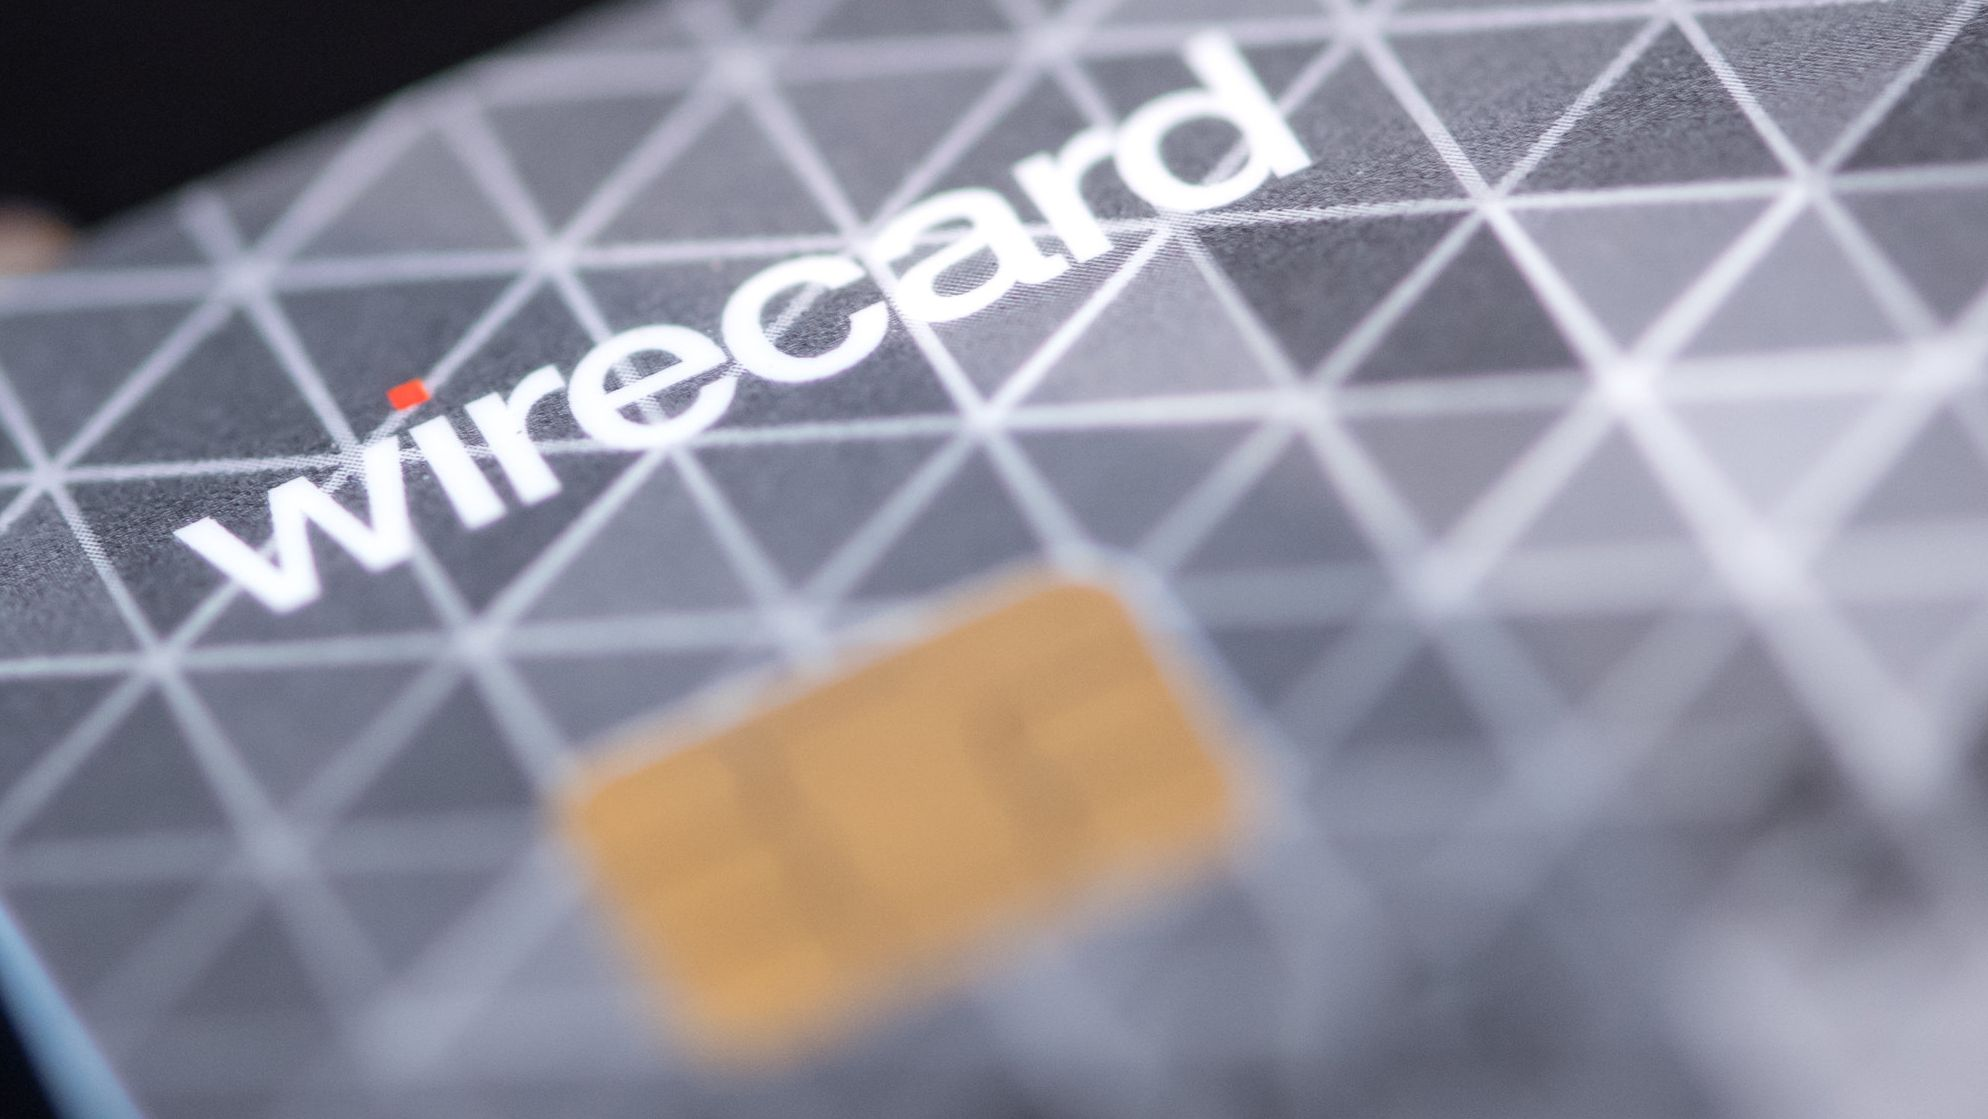 Eine Kreditkarte des Bezahldienstleister Wirecard liegt auf einem Tisch.